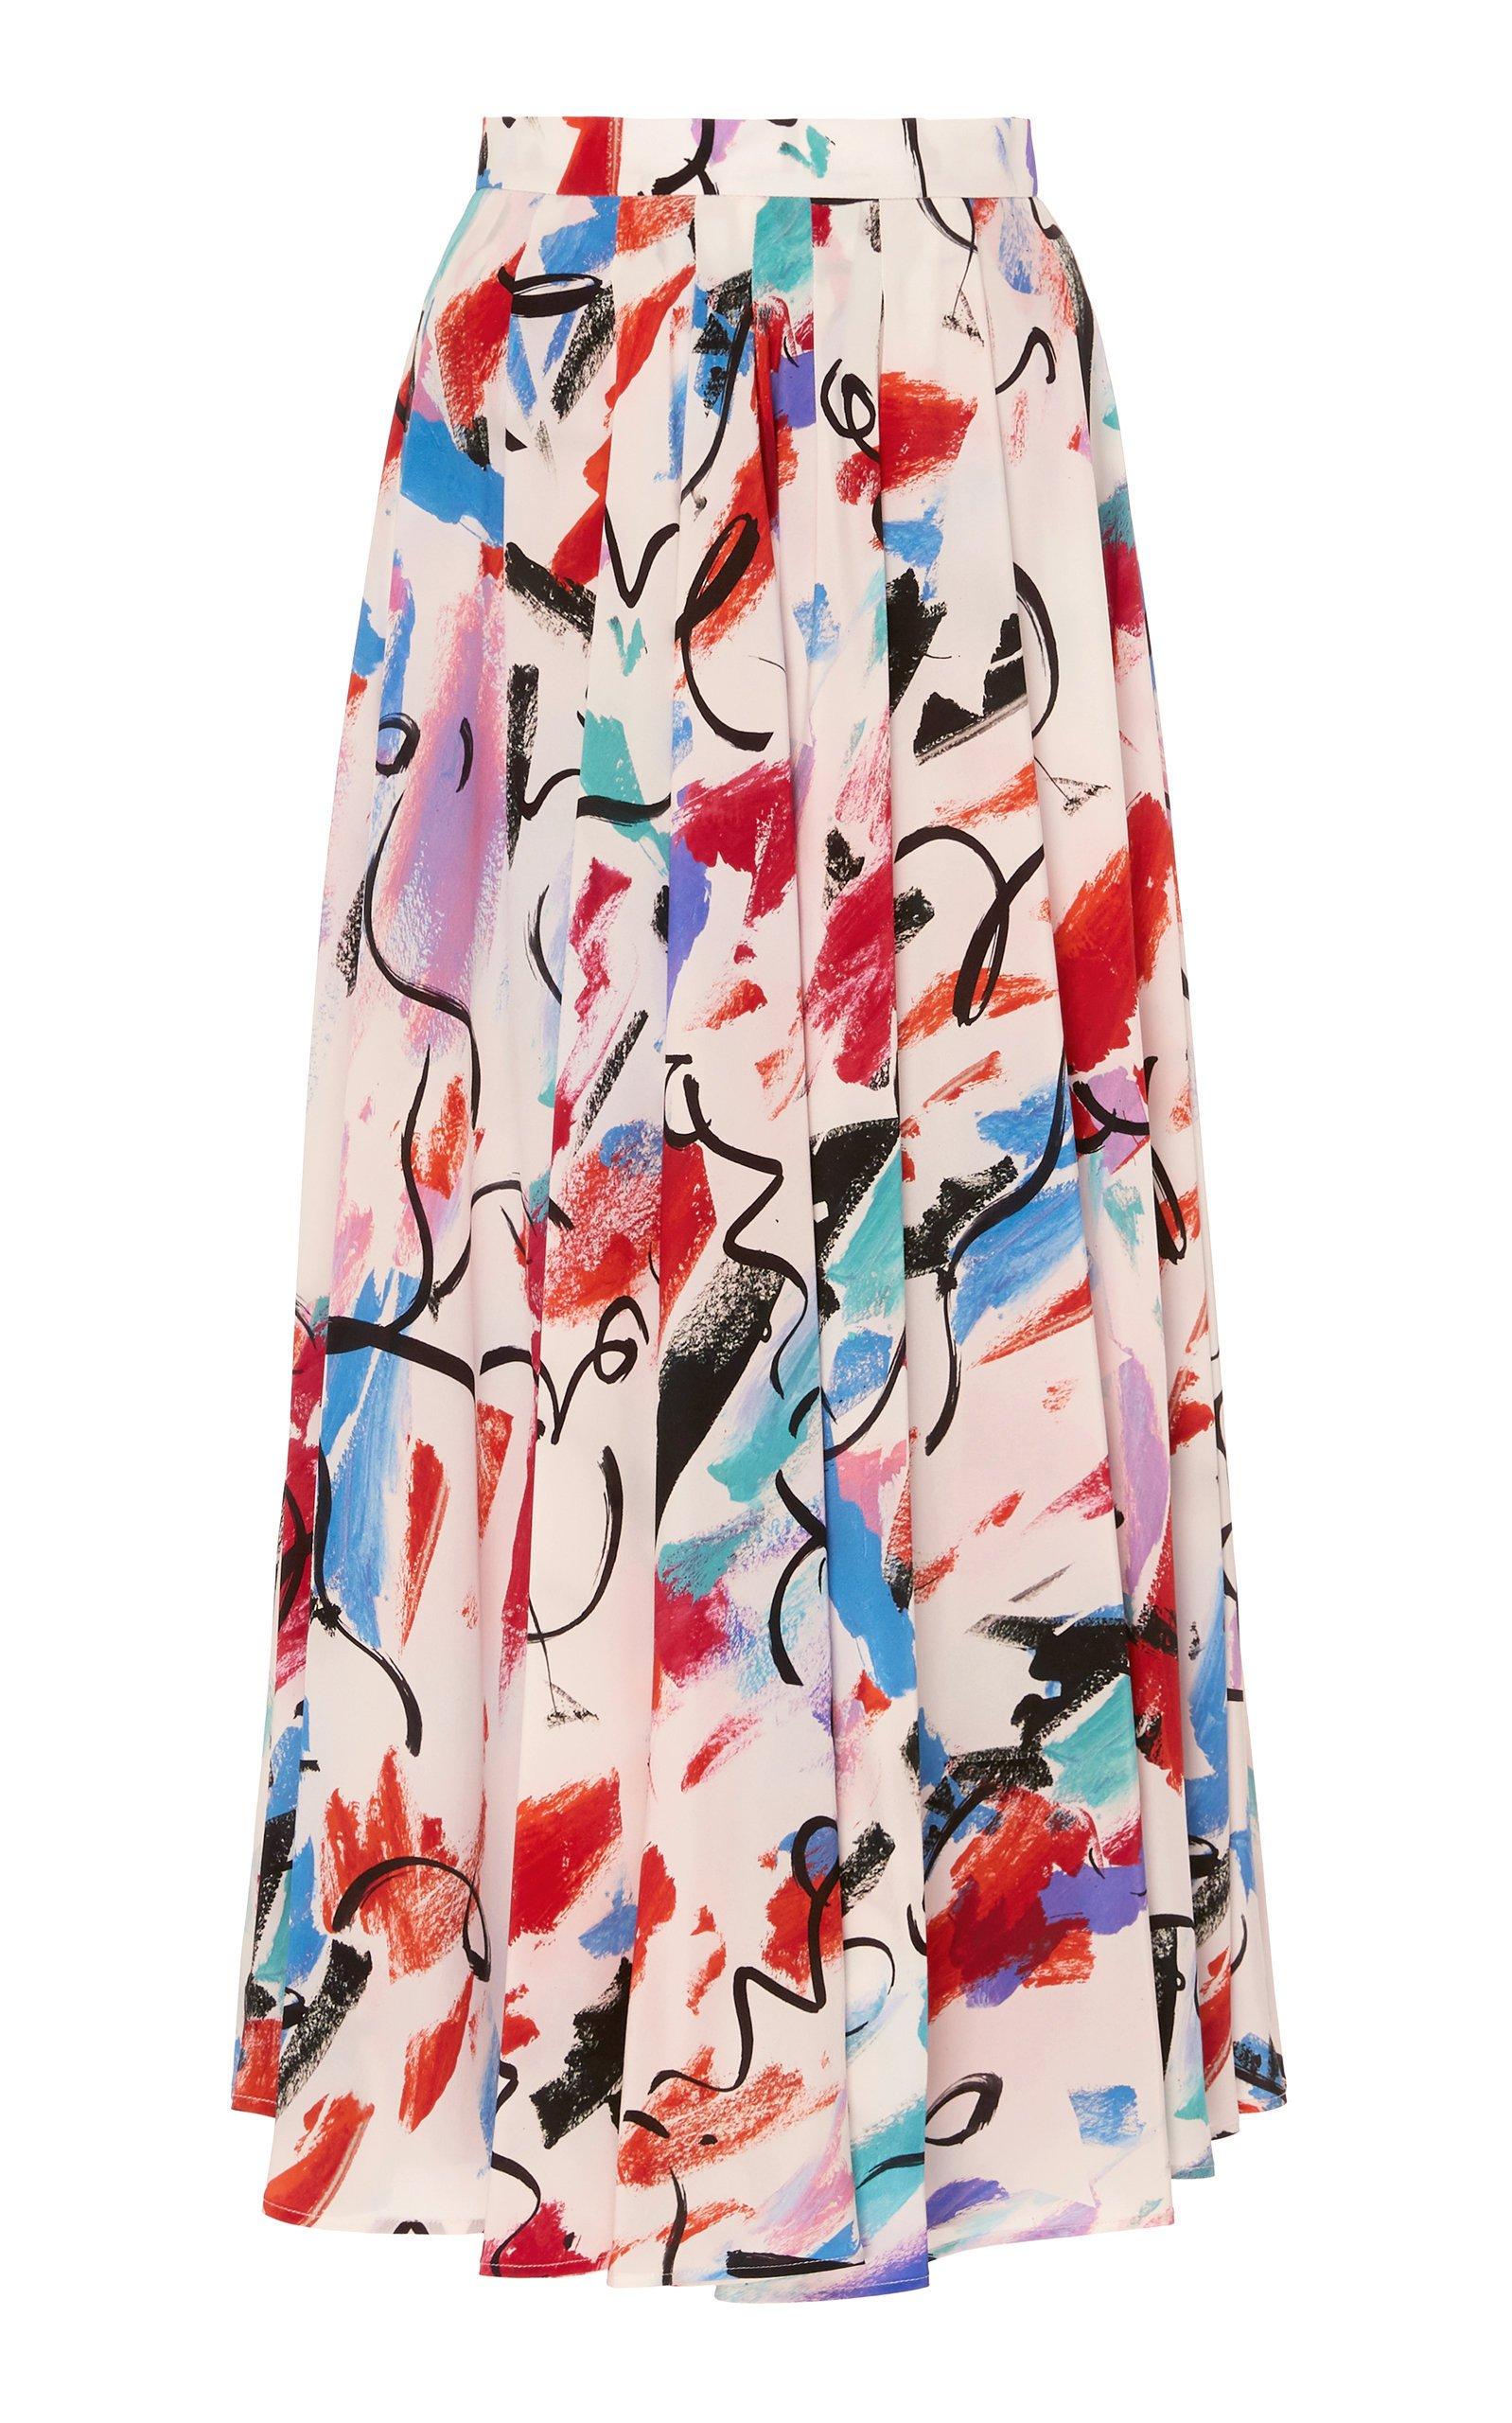 SOONIL Multi Printed Pleated Skirt Size: 6